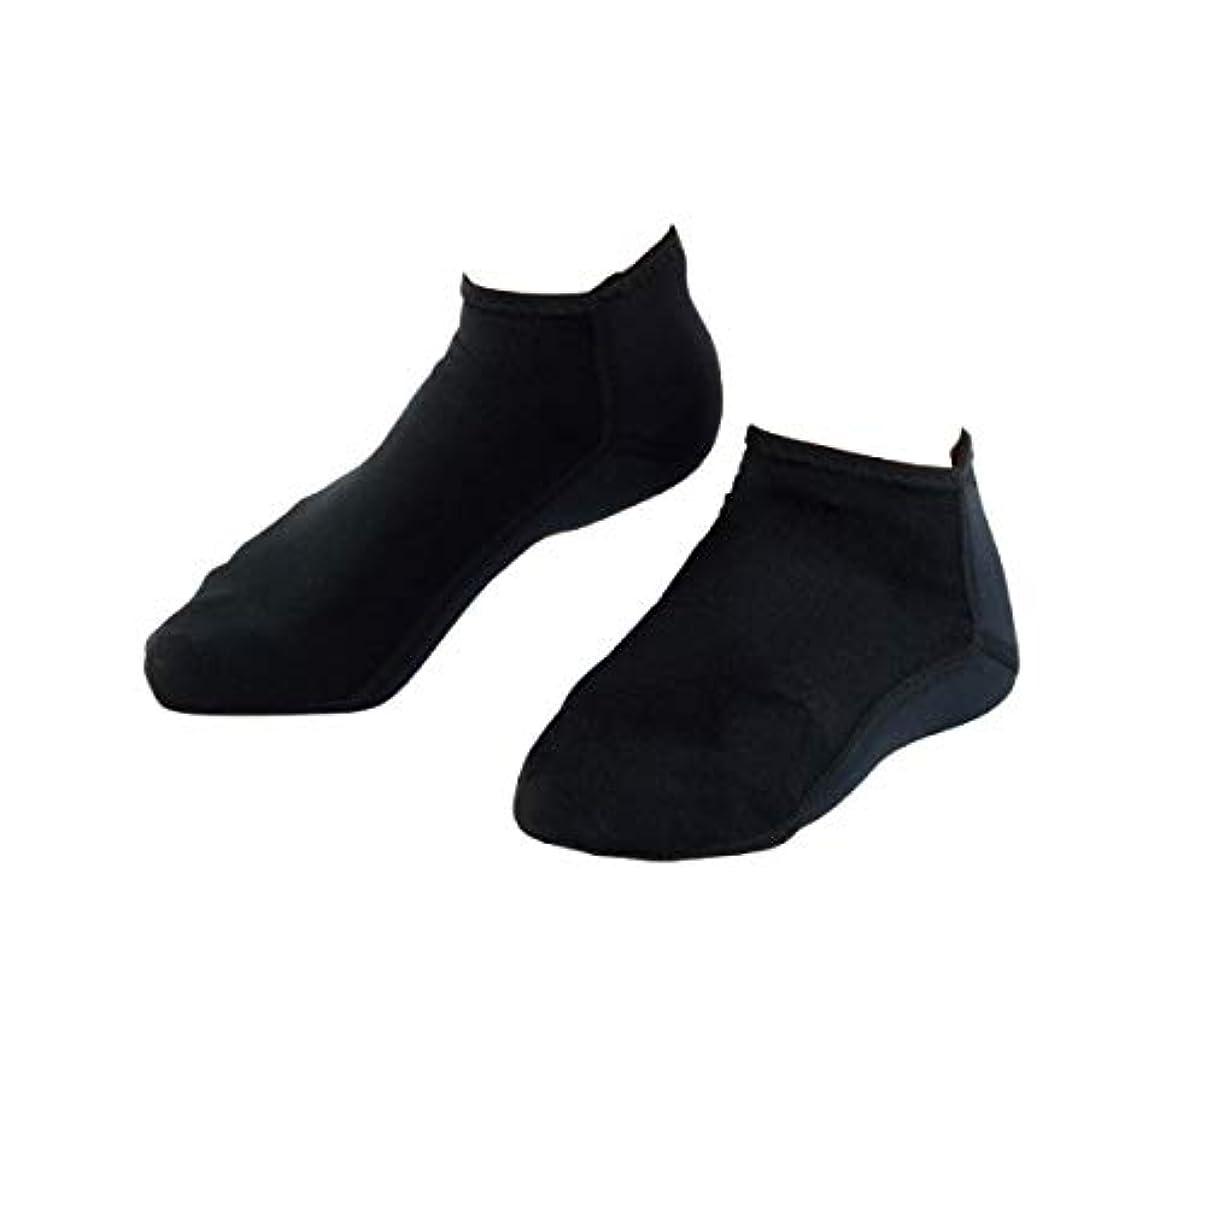 夜の動物園独立満たす靴下 かかと 保湿 チタン 素足小町 フル